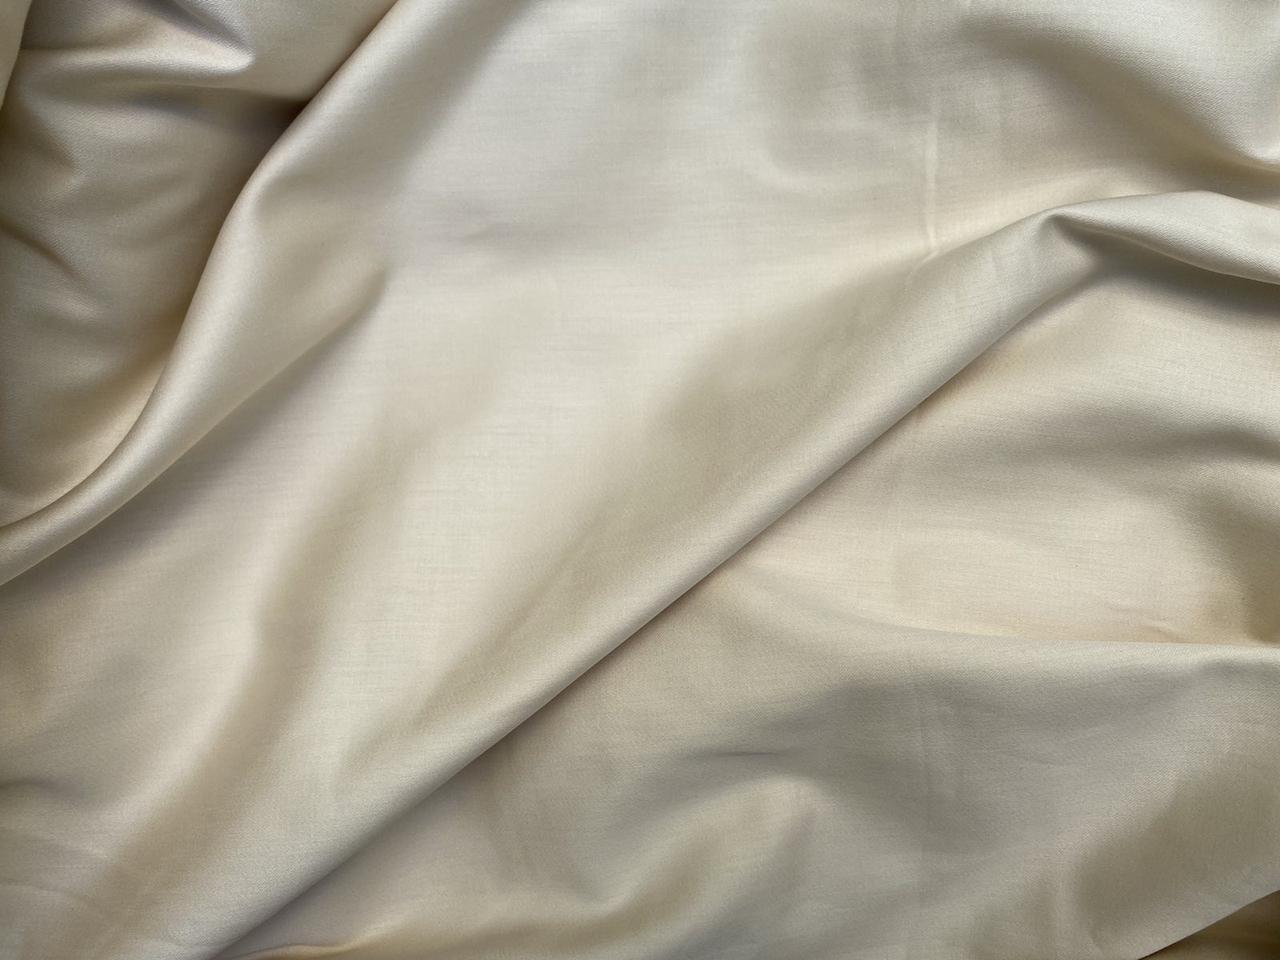 Купить ткань в рулоне сатин что за ткань тик описание